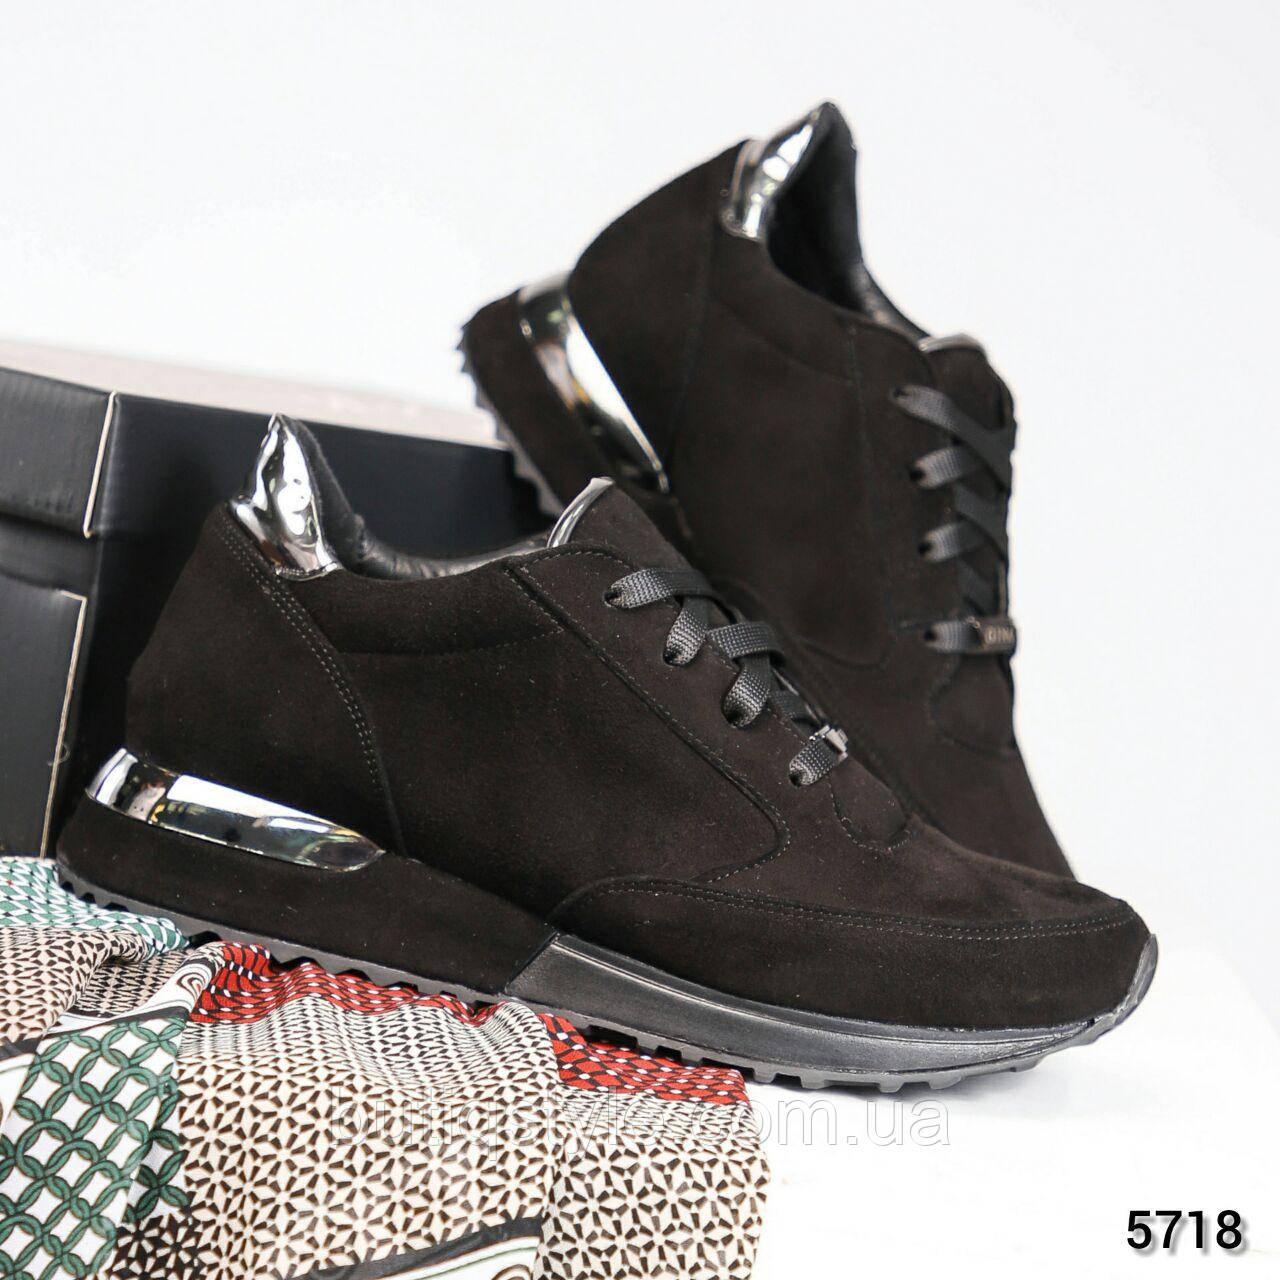 Красивые черные кроссовки Vip  натуральный замш Италия